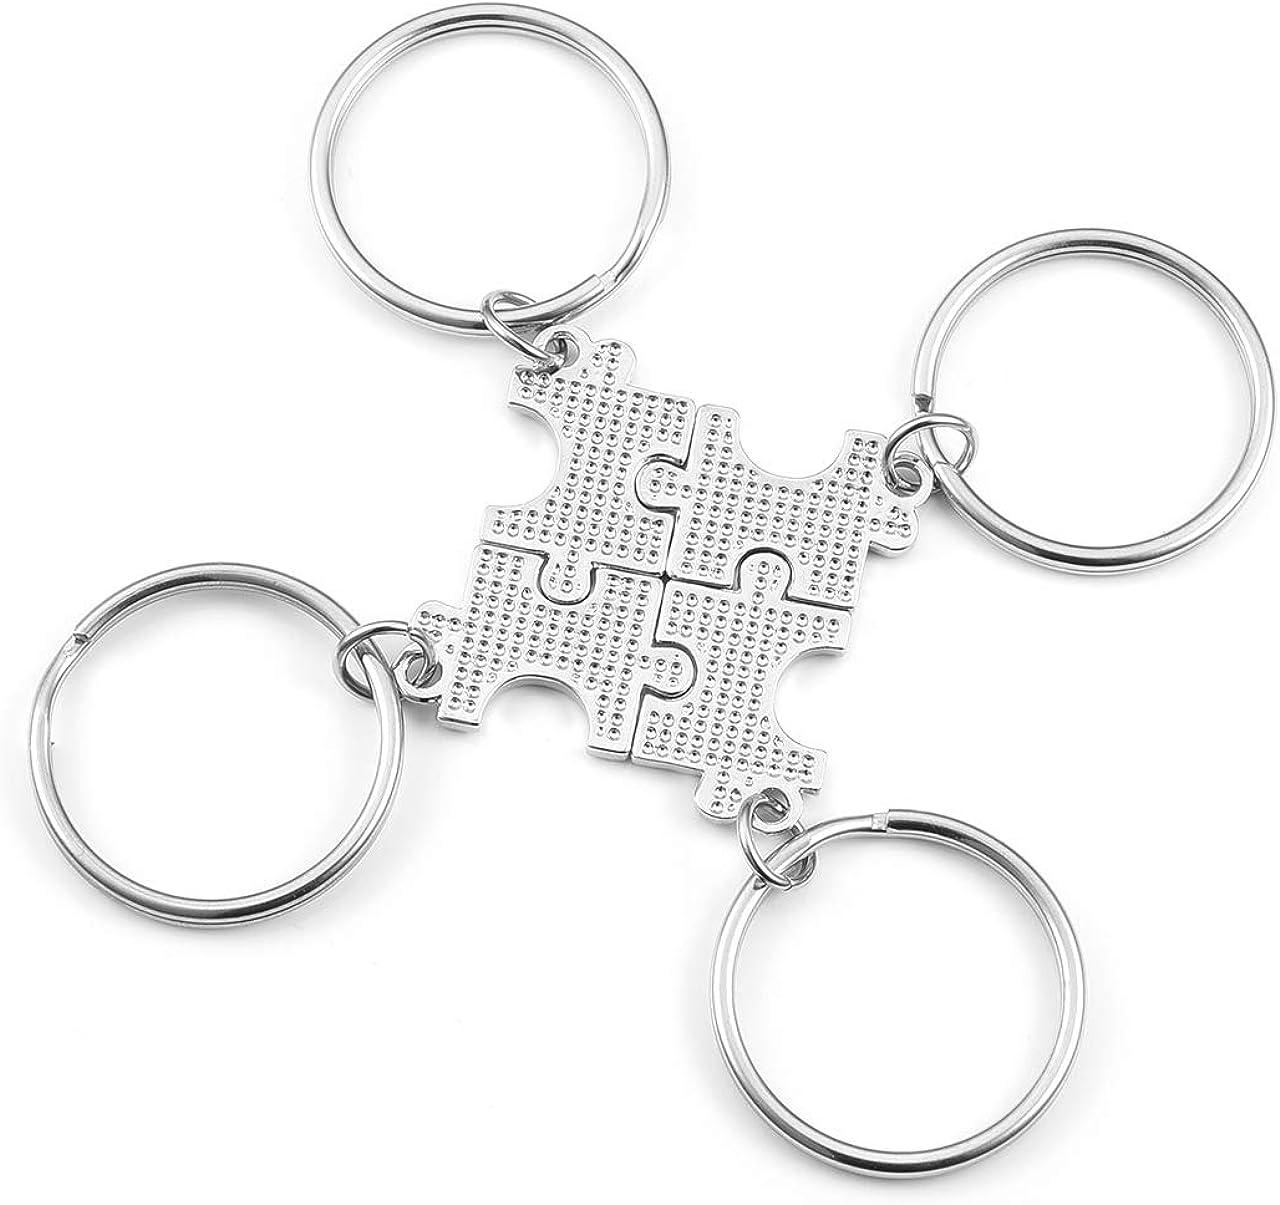 4 St/ück Jovivi Schl/üsselanh/änger Best Friend Puzzle-Anh/änger BBF Freundschaft